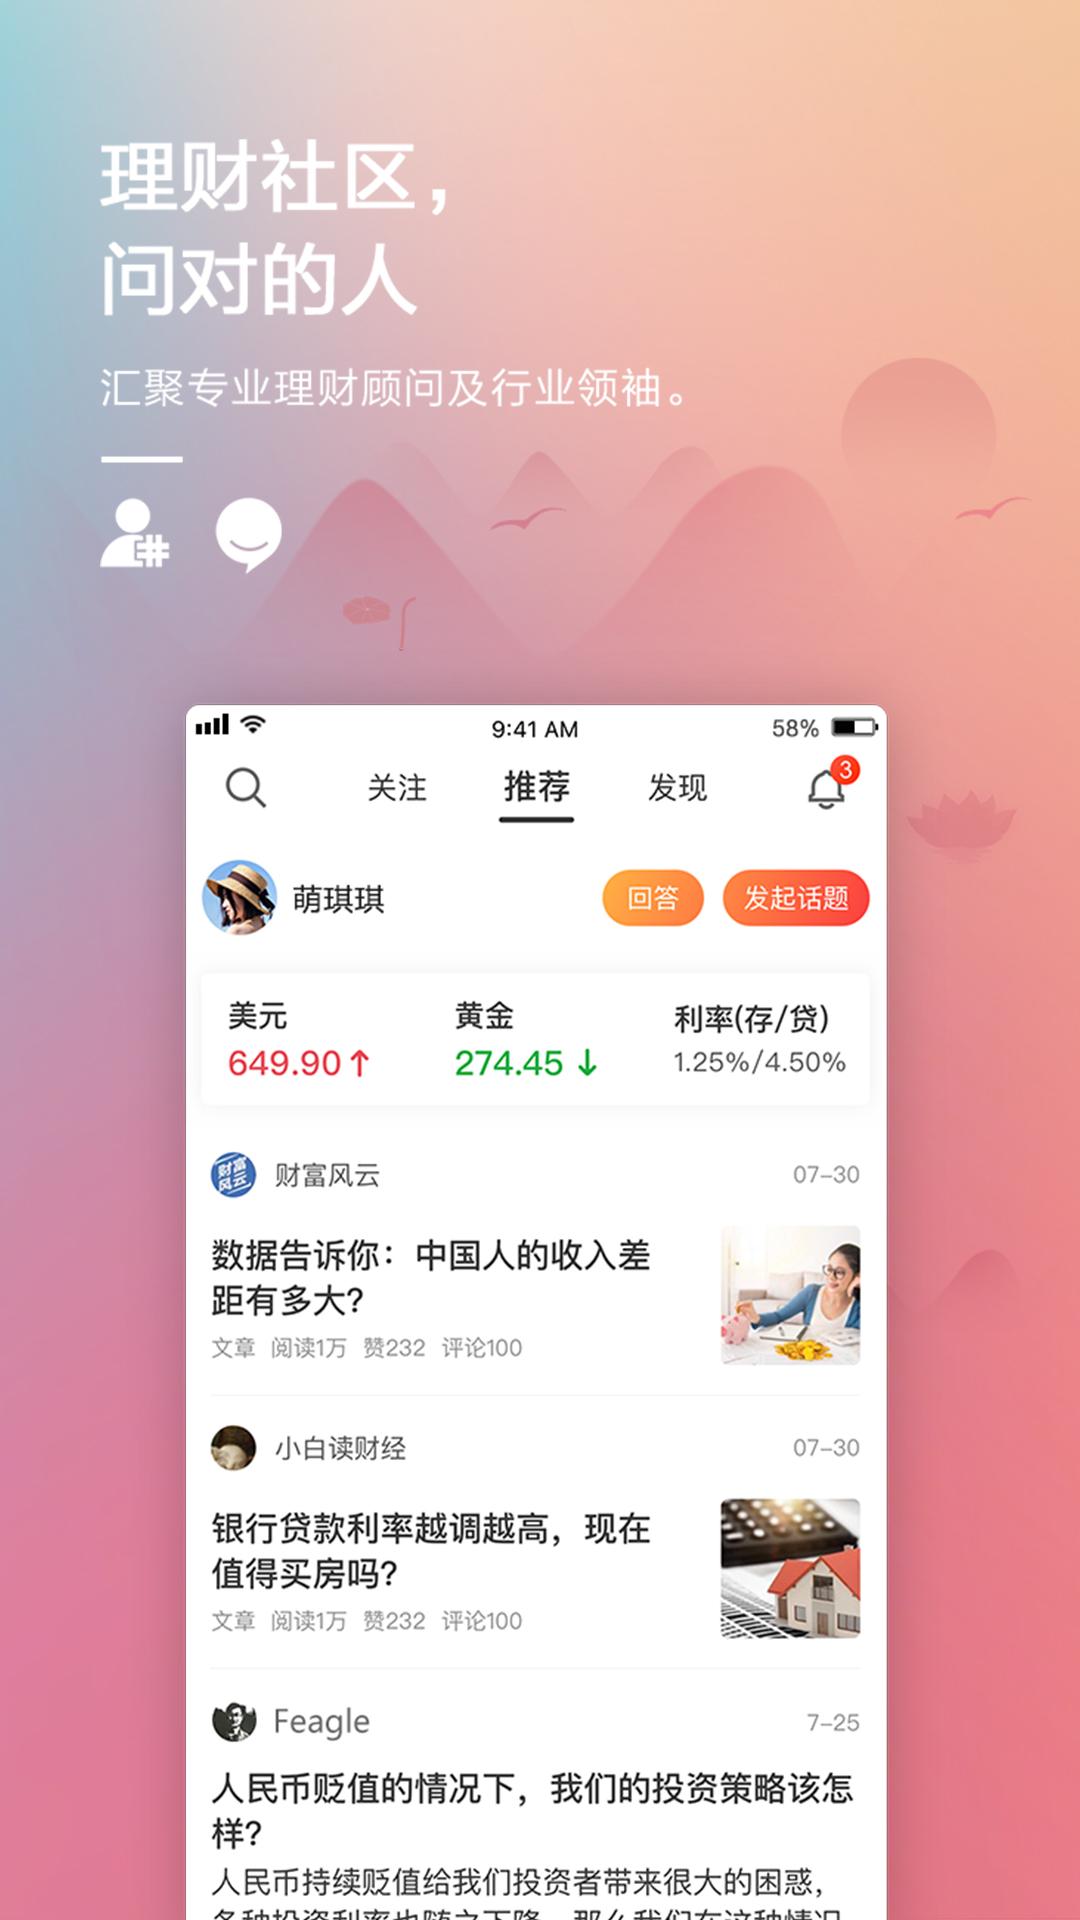 招商银行理财_招商银行免费下载_华为应用市场|招商银行安卓版(7.2.0)下载